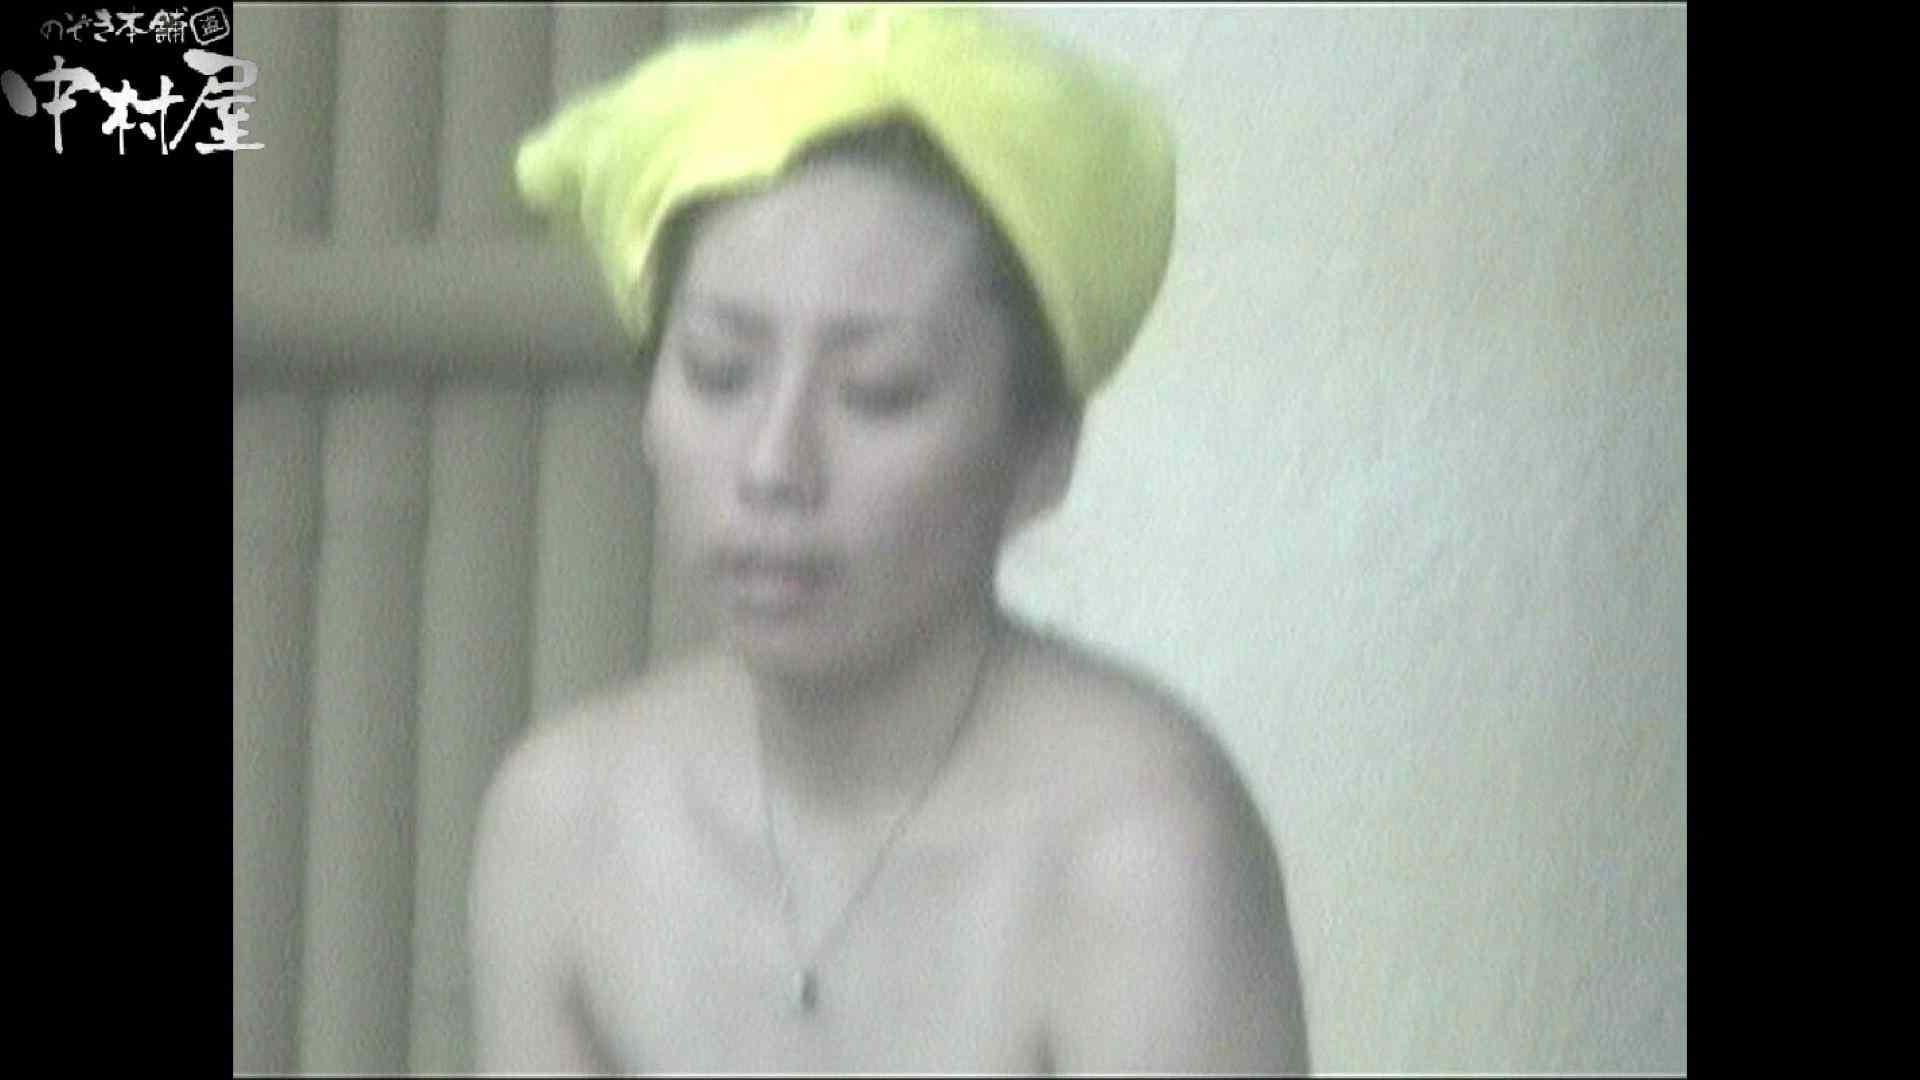 Aquaな露天風呂Vol.902 盗撮 | 露天  59枚 28